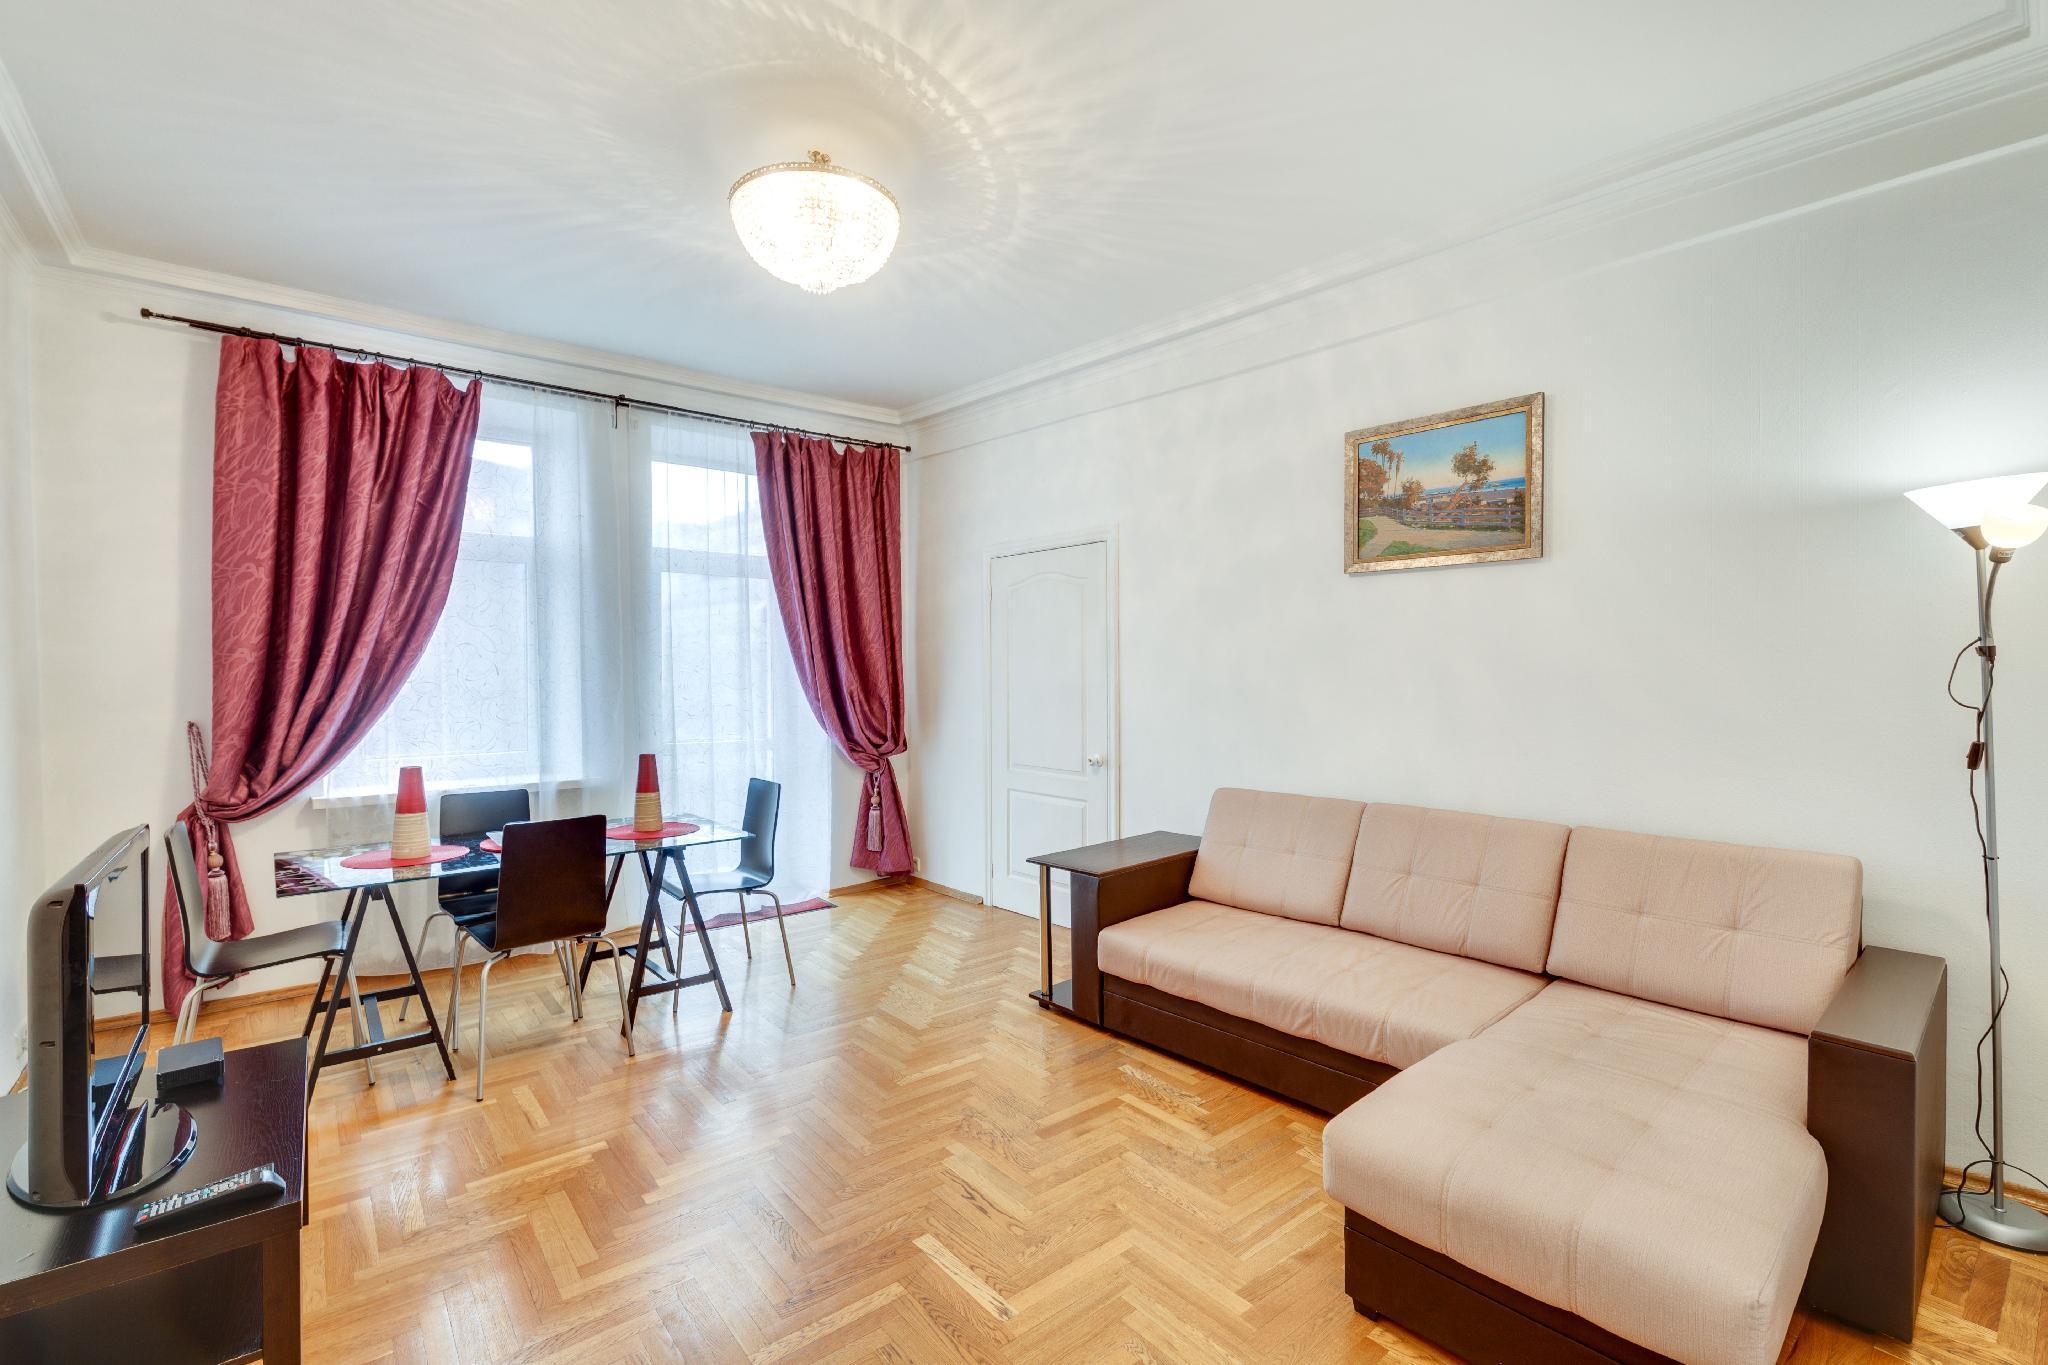 De Luxe 2 Bedroom With Kremlin View